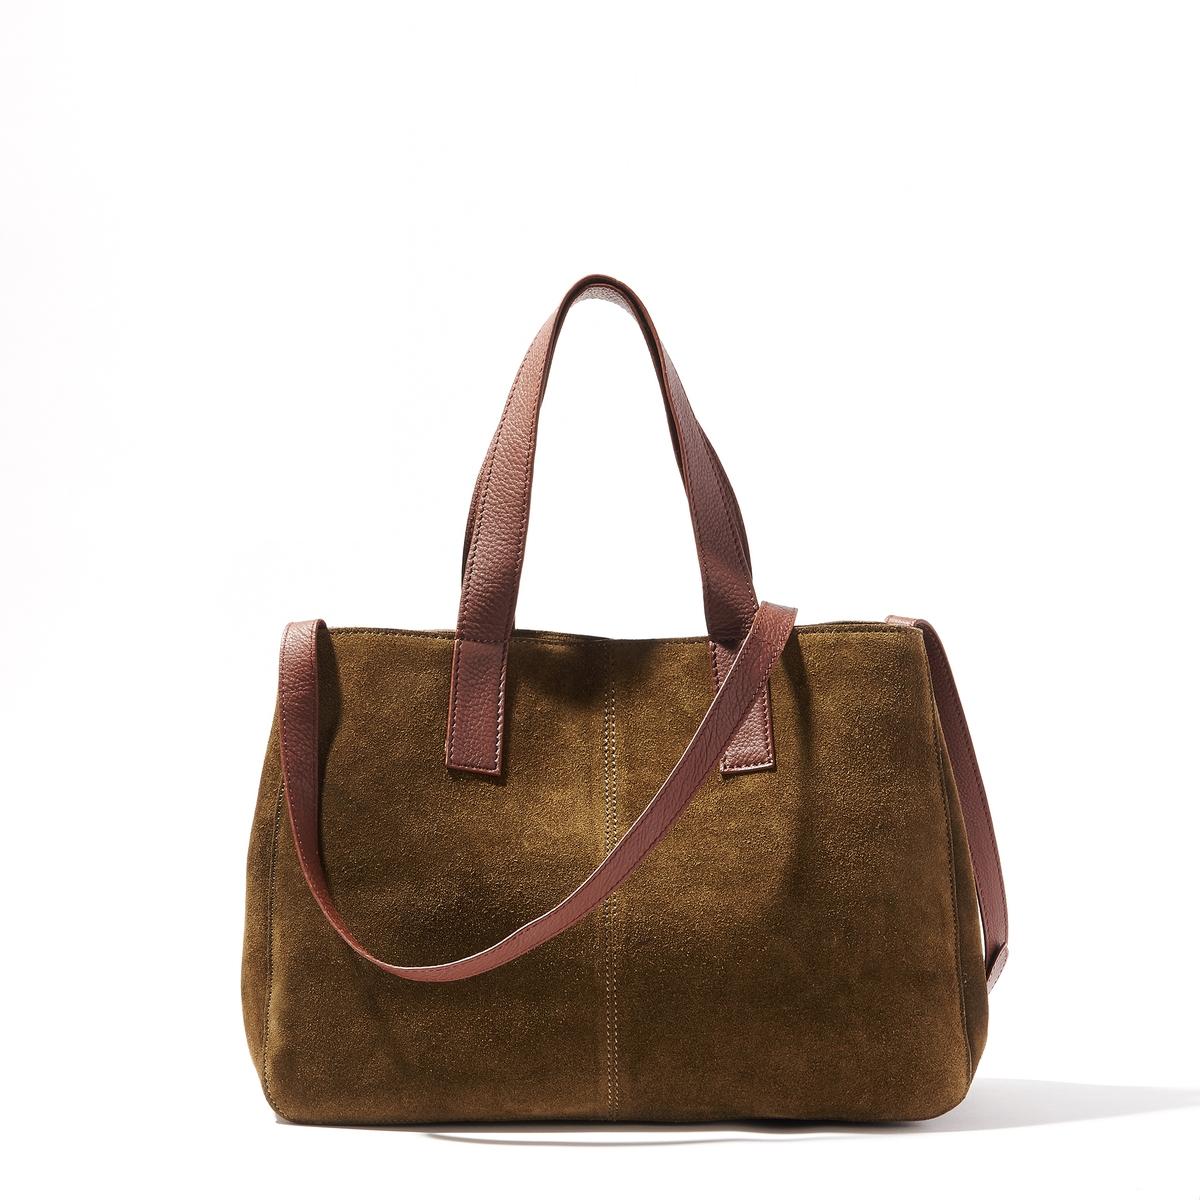 Сумка кожанаяКожаная сумка-шоппер, R Studio.Красивая кожаная сумка идеальна для выходов в свет. Можно носить в руке или на плече. Стильная модель. Состав и описаниеМатериал : верх из невыделанной яловичной кожи                 подкладка из текстиляМарка : R Studio.Размеры : Ш36 x В26 x 14 смЗастежка : магнитная кнопка2 кармана для мобильных1 карман на молнииРегулируемый плечевой ремень<br><br>Цвет: хаки<br>Размер: единый размер